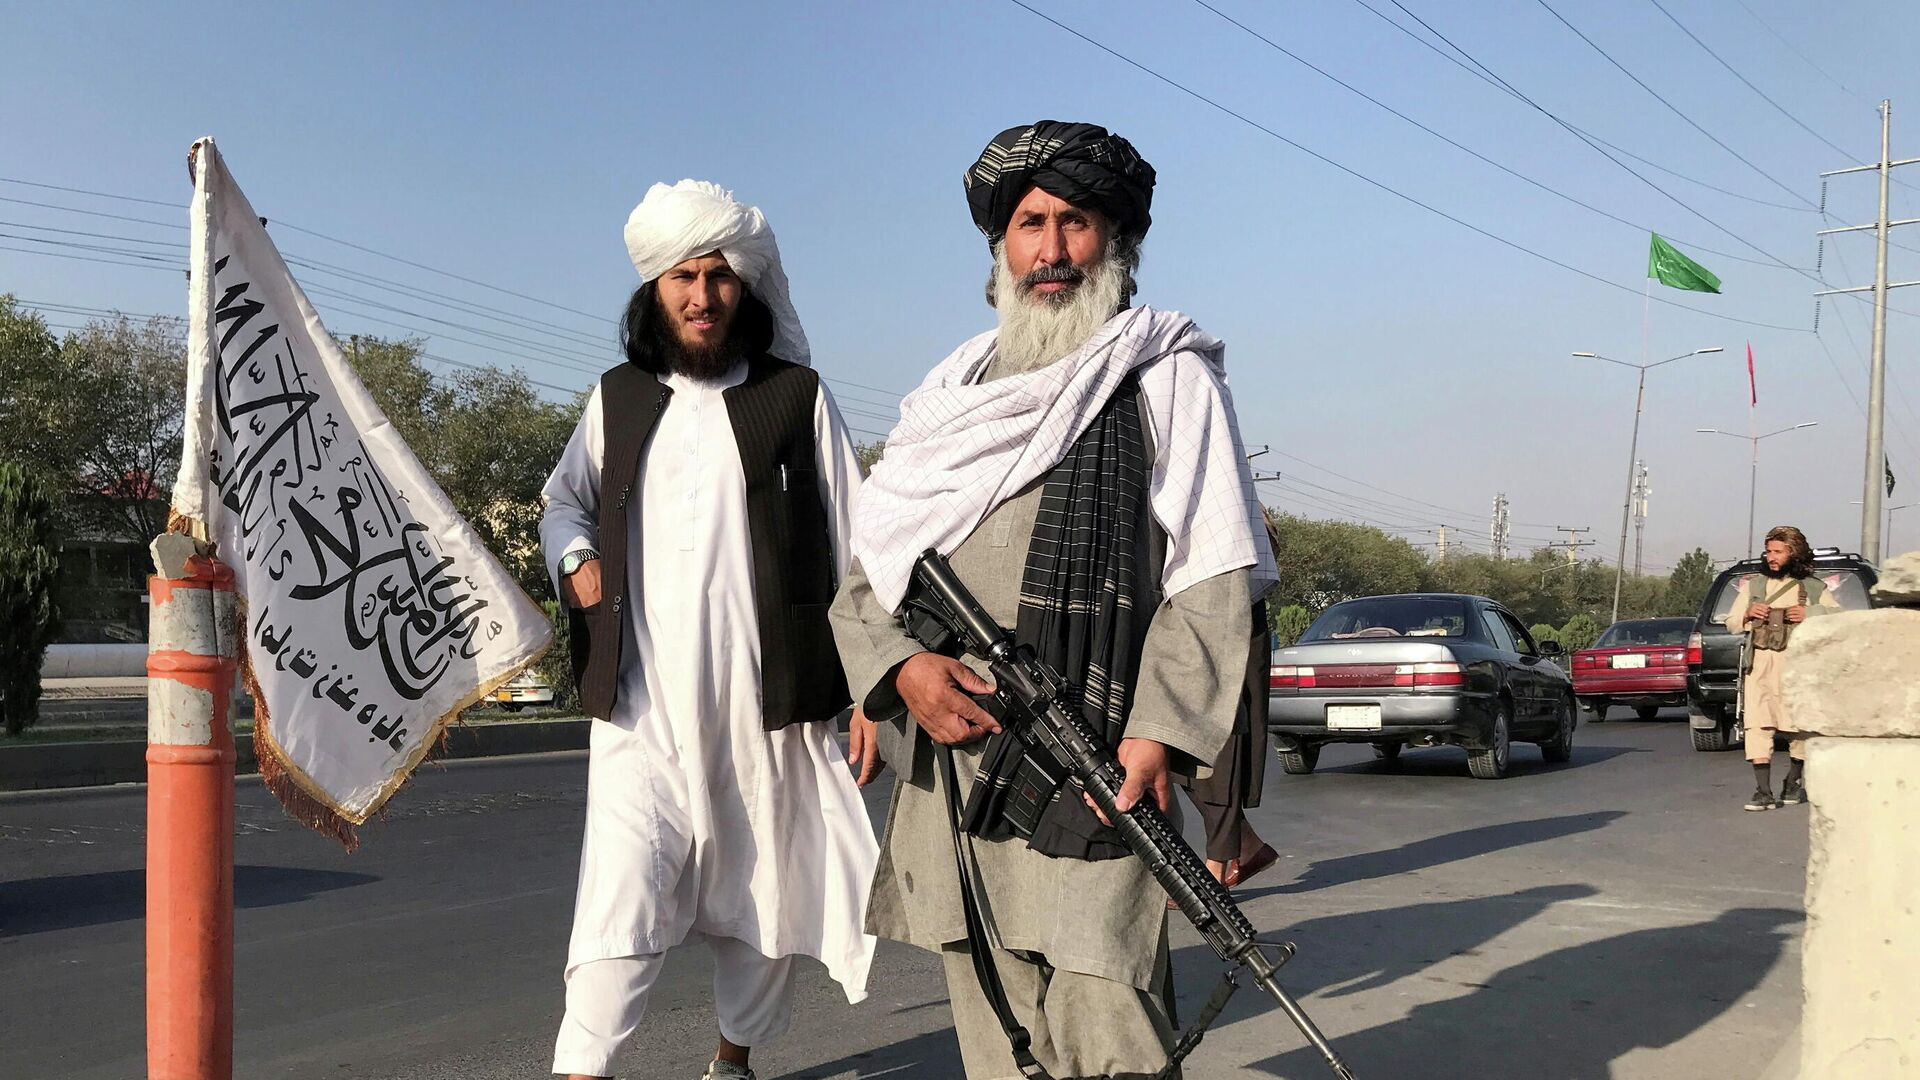 Pripadnici talibanskog pokreta naoružani puškama u Kabulu - Sputnik Srbija, 1920, 23.08.2021